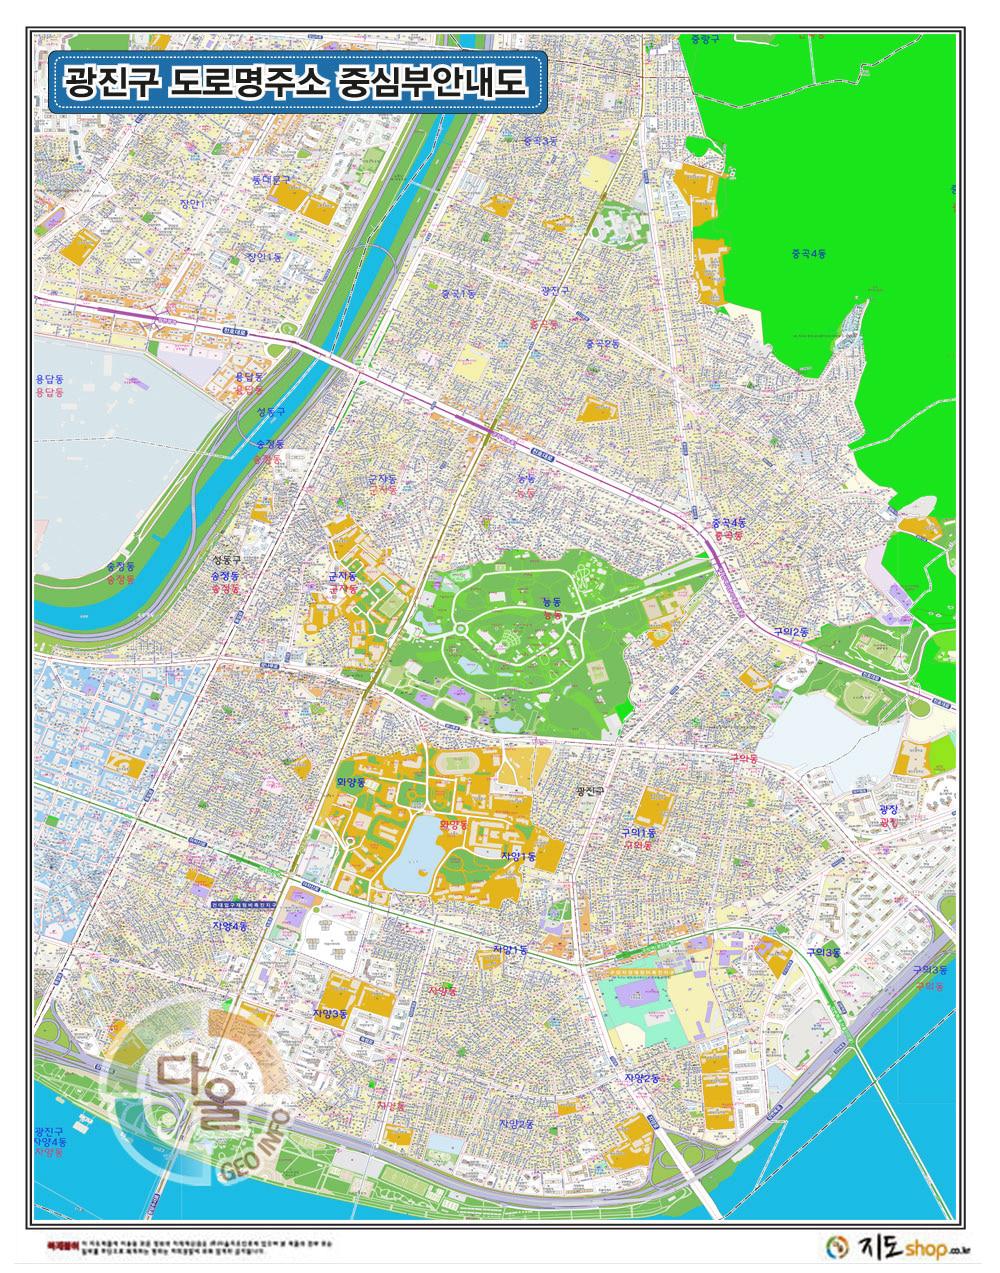 서울시 광진구 도로명주소 중심부 지도